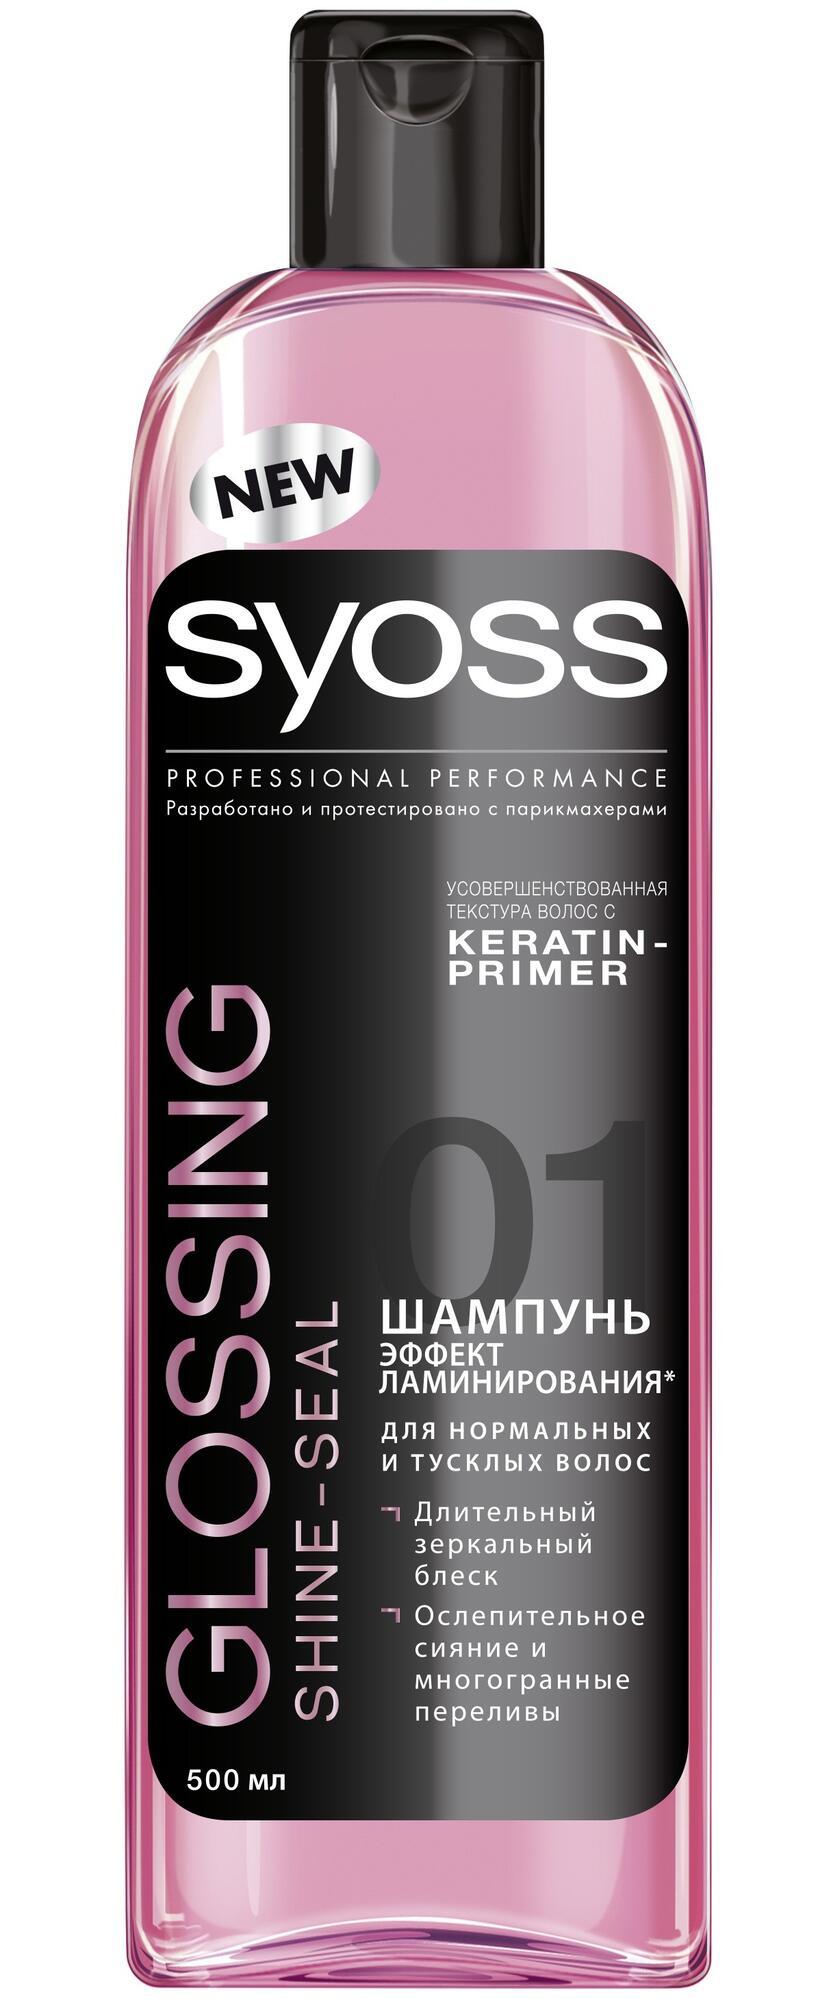 Syoss шампунь для длинных волос